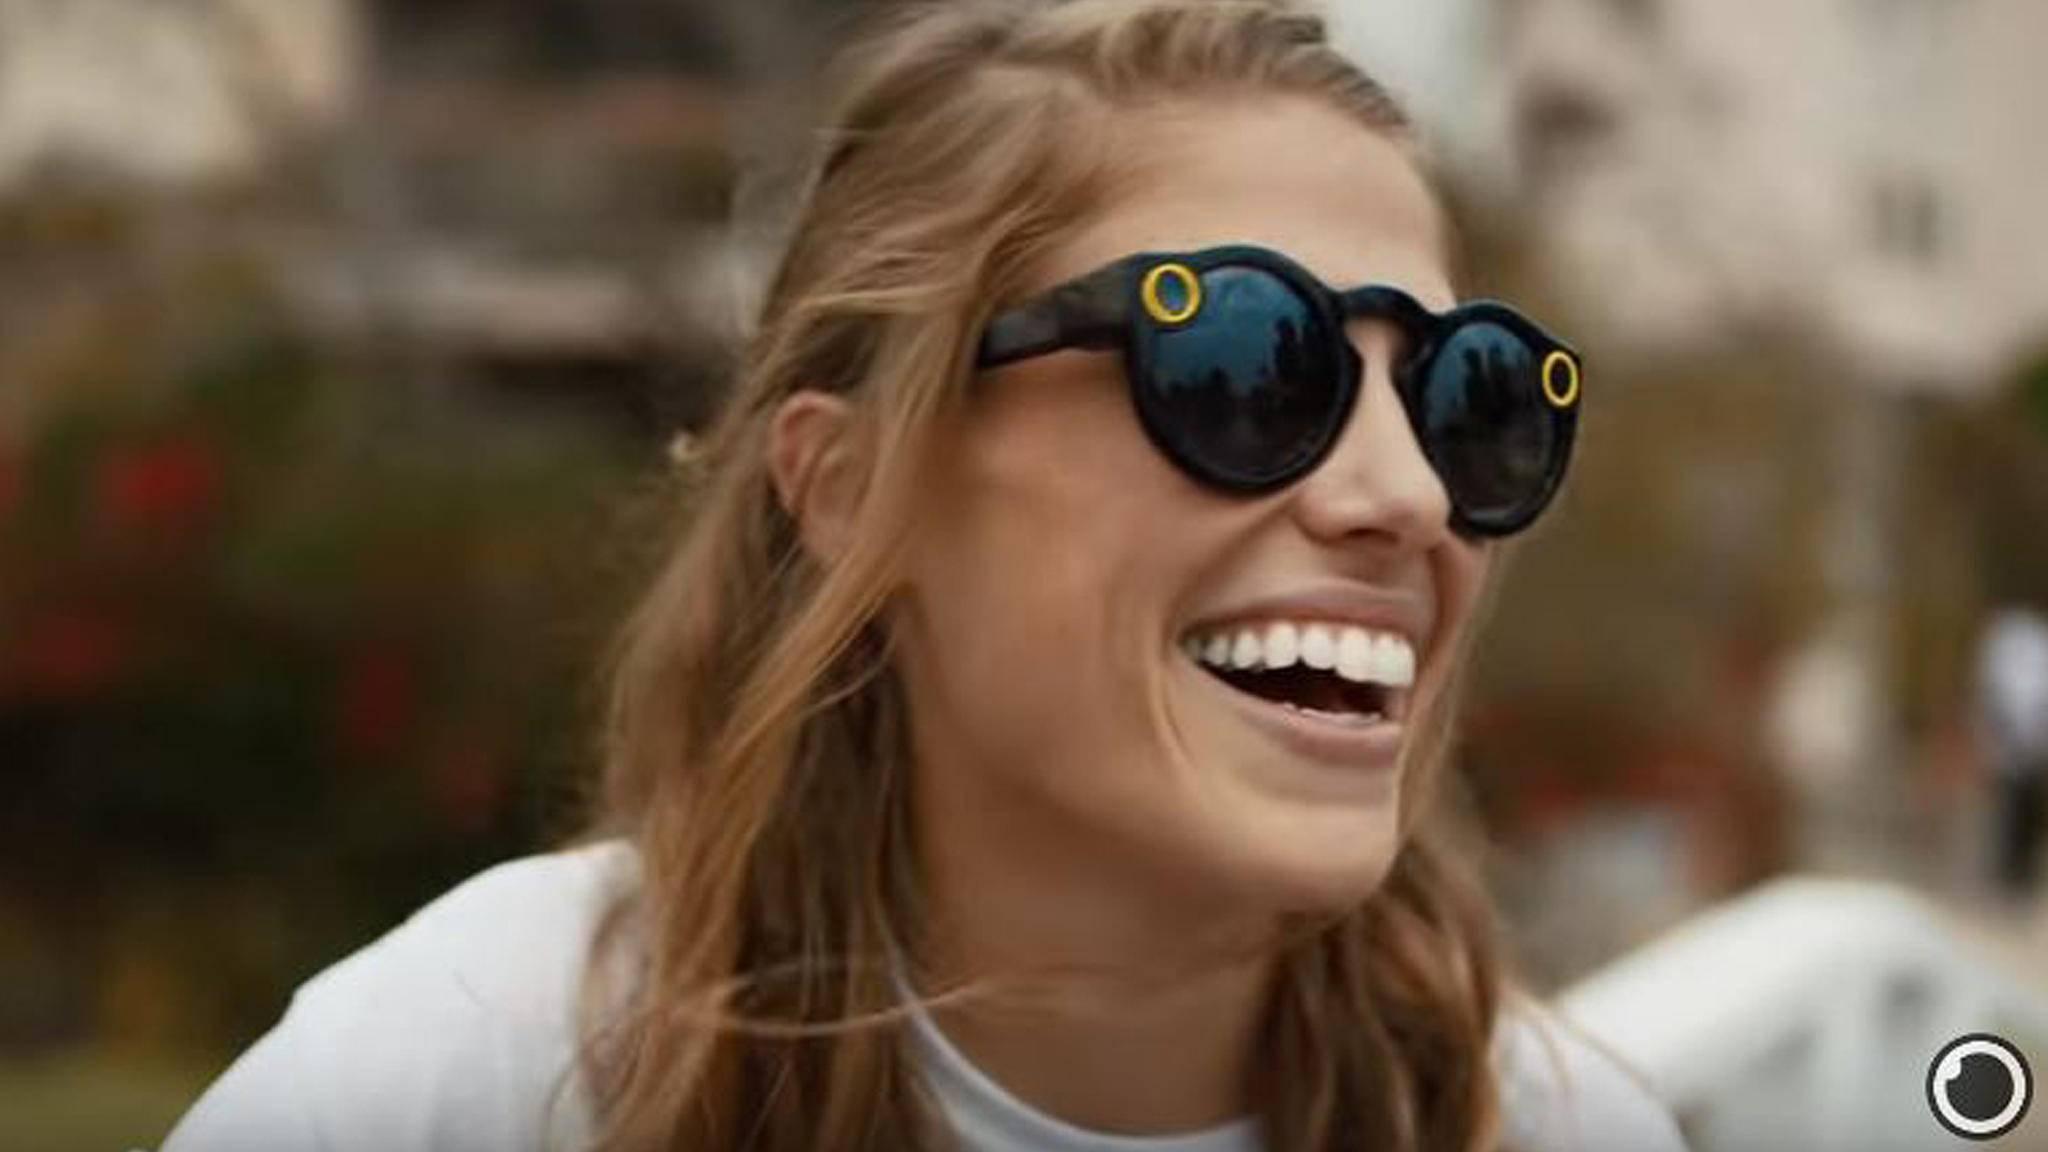 Ab sofort ist die smarte Sonnenbrille von Snapchat auch in Europa erhältlich.